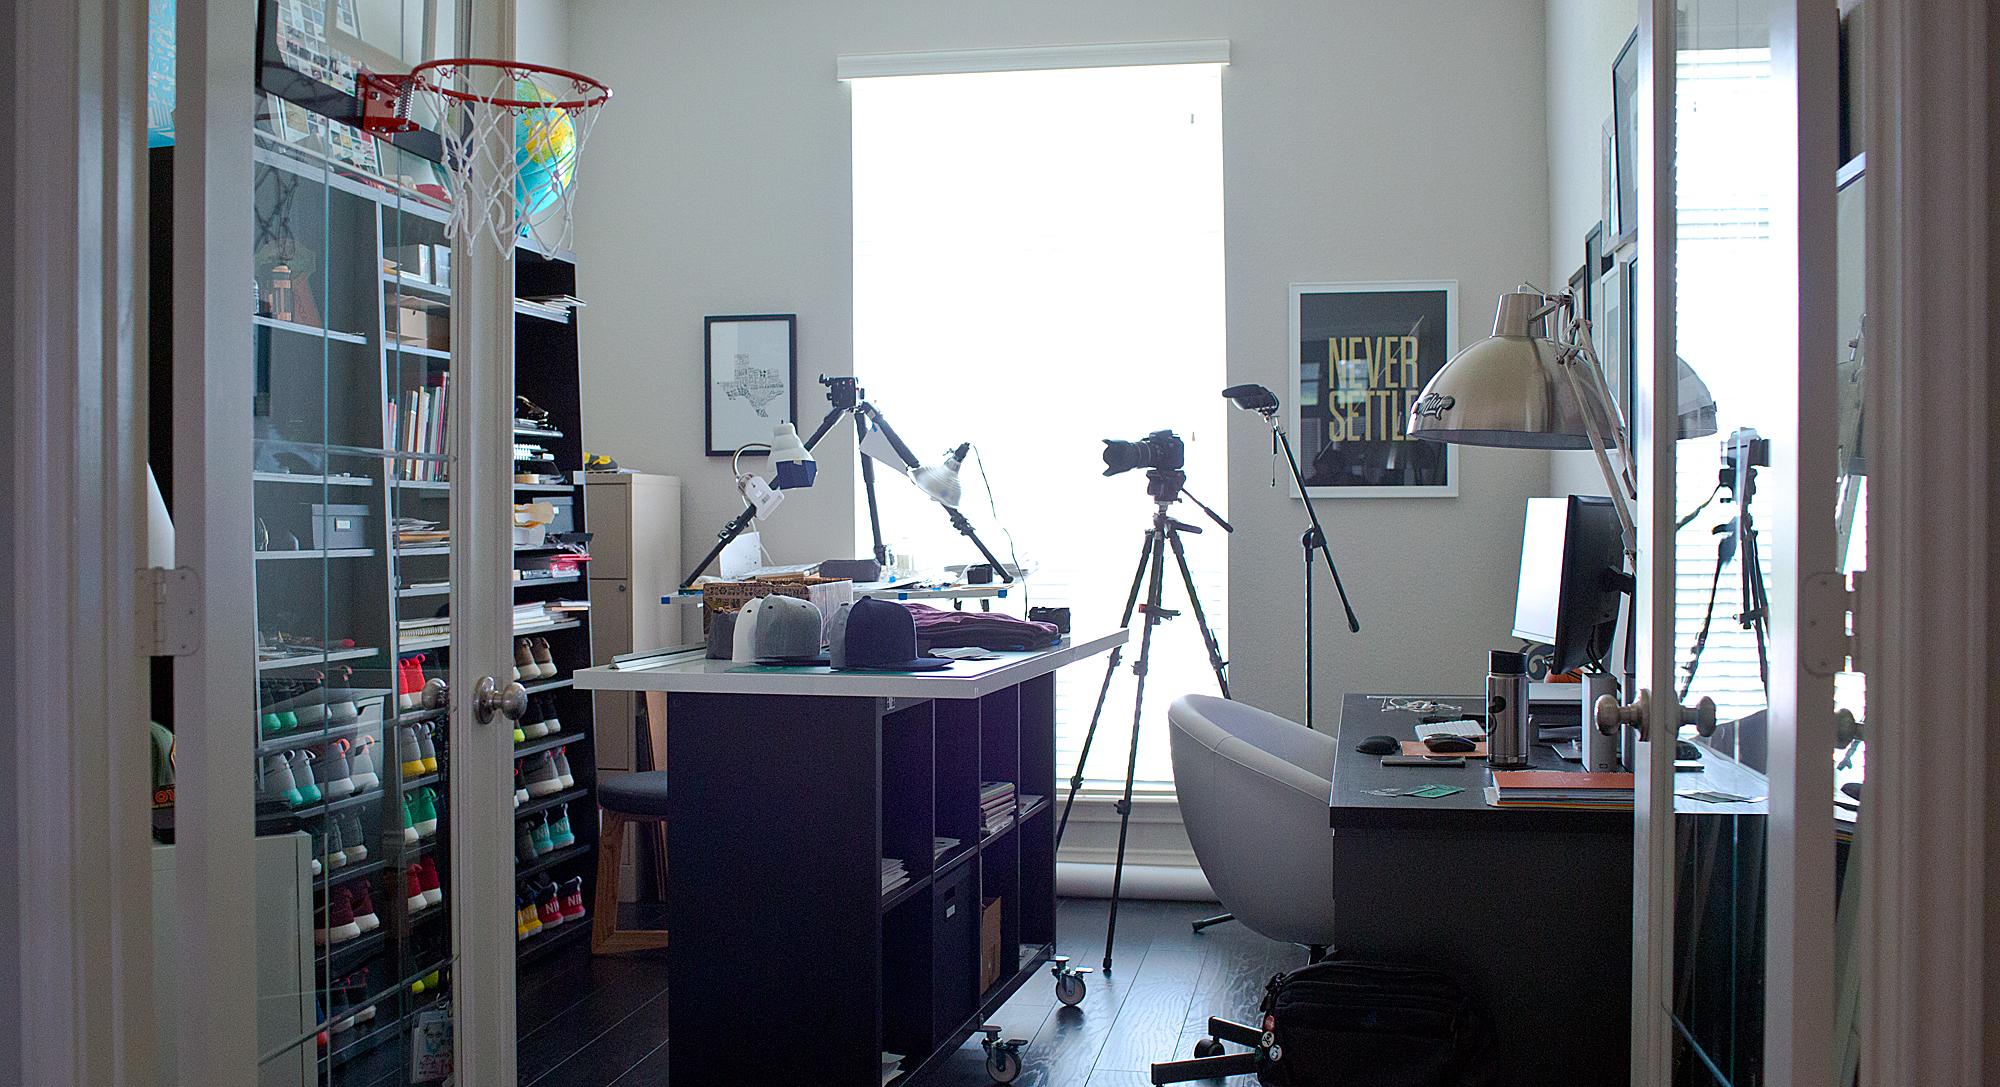 Terence Tang 's home studio